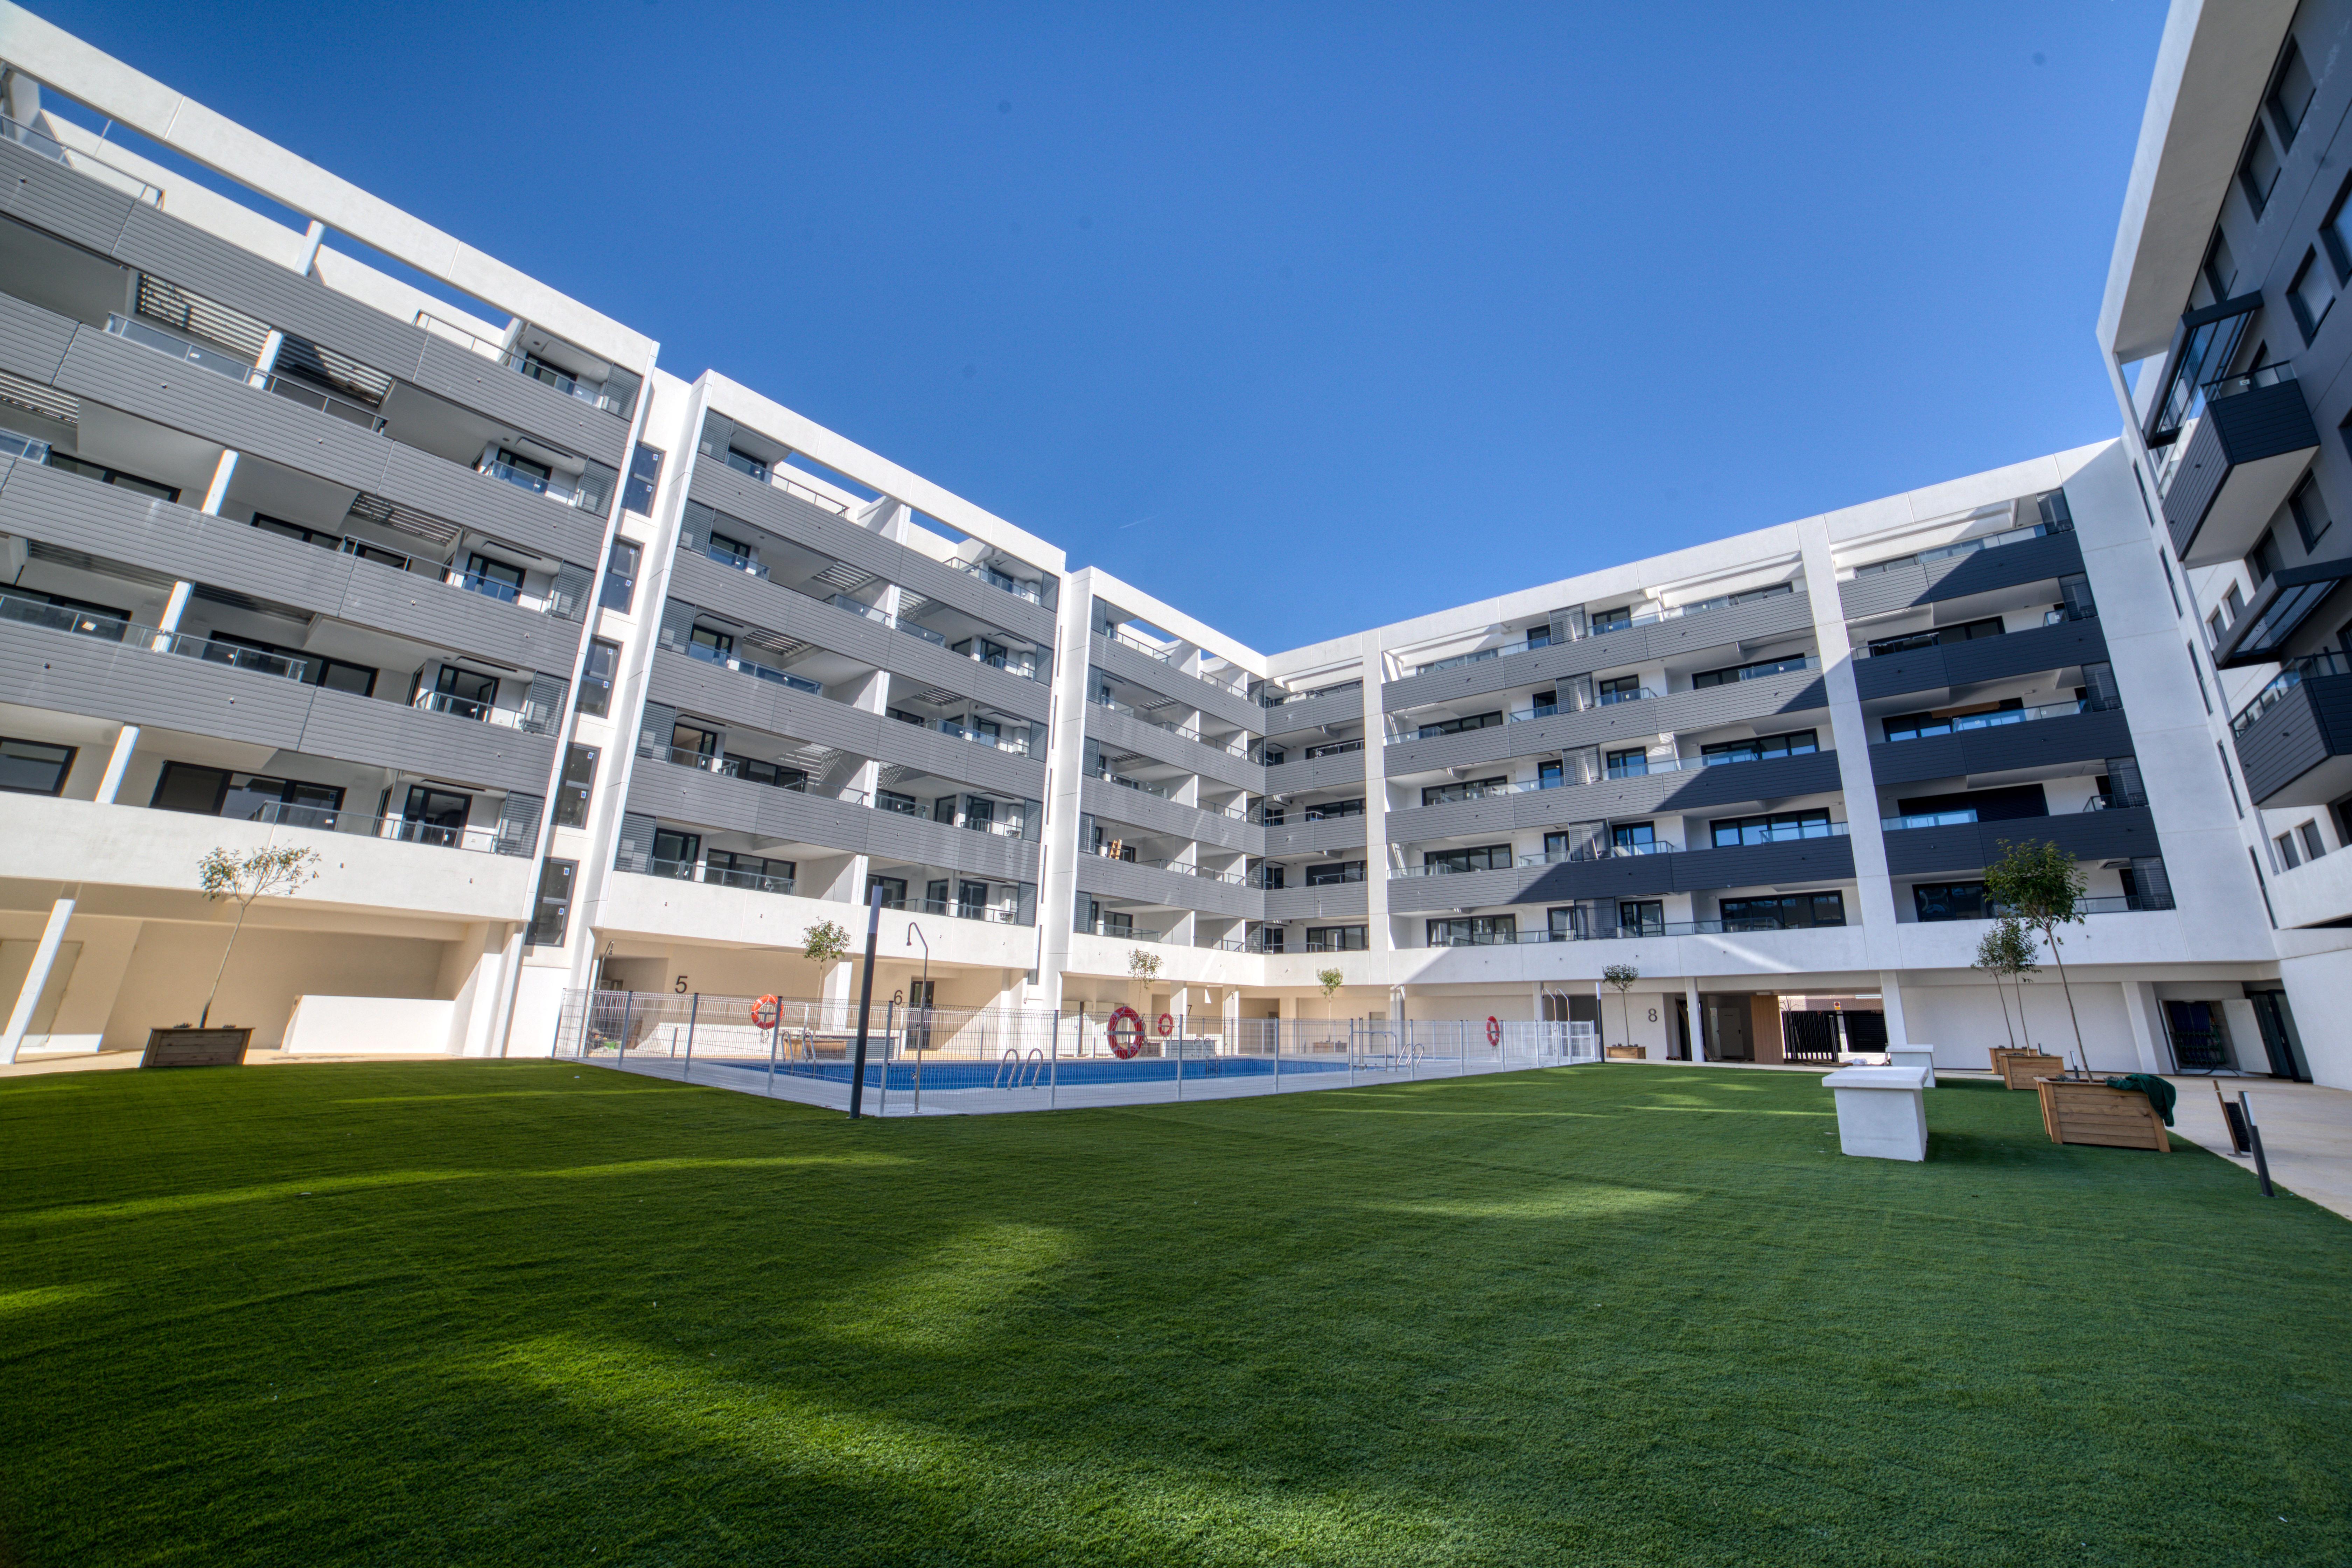 EdificioInfinity, en Getafe, el primer residencial Passivhaus en altura de la Comunidad de Madrid / PEP